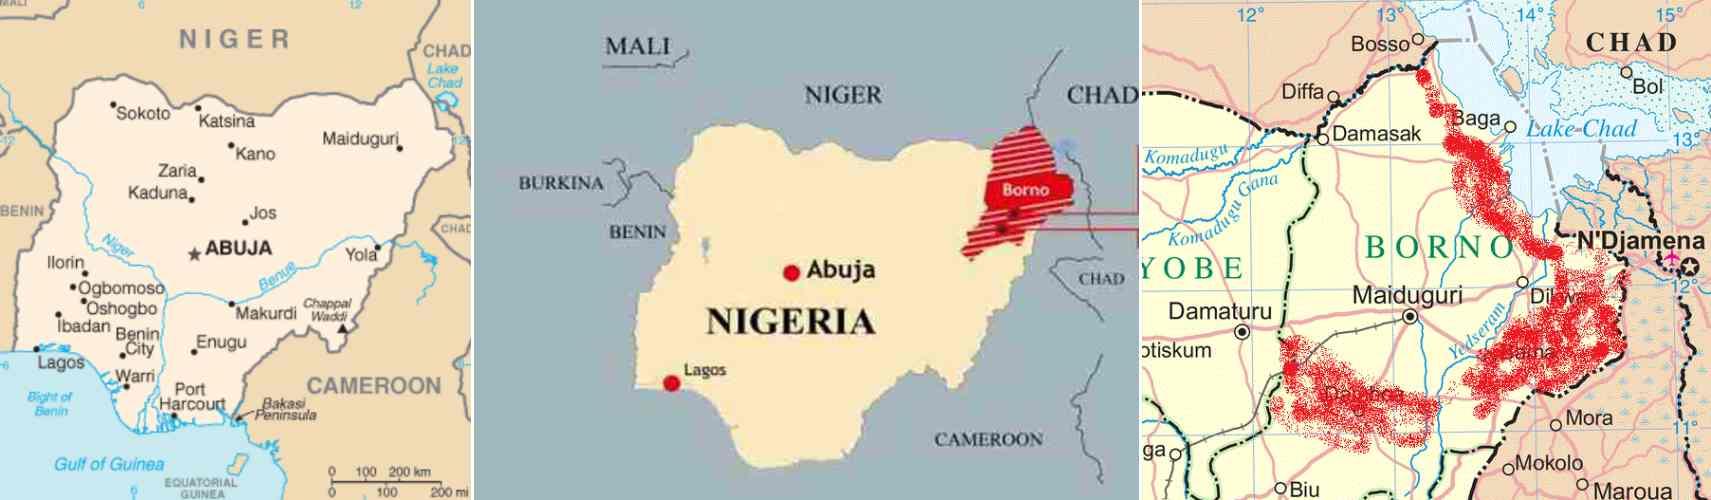 CLICCA: LA BUFALA DEI PROFUGHI NIGERIANI IN FUGA DALLA GUERRA CHE NON C'E'